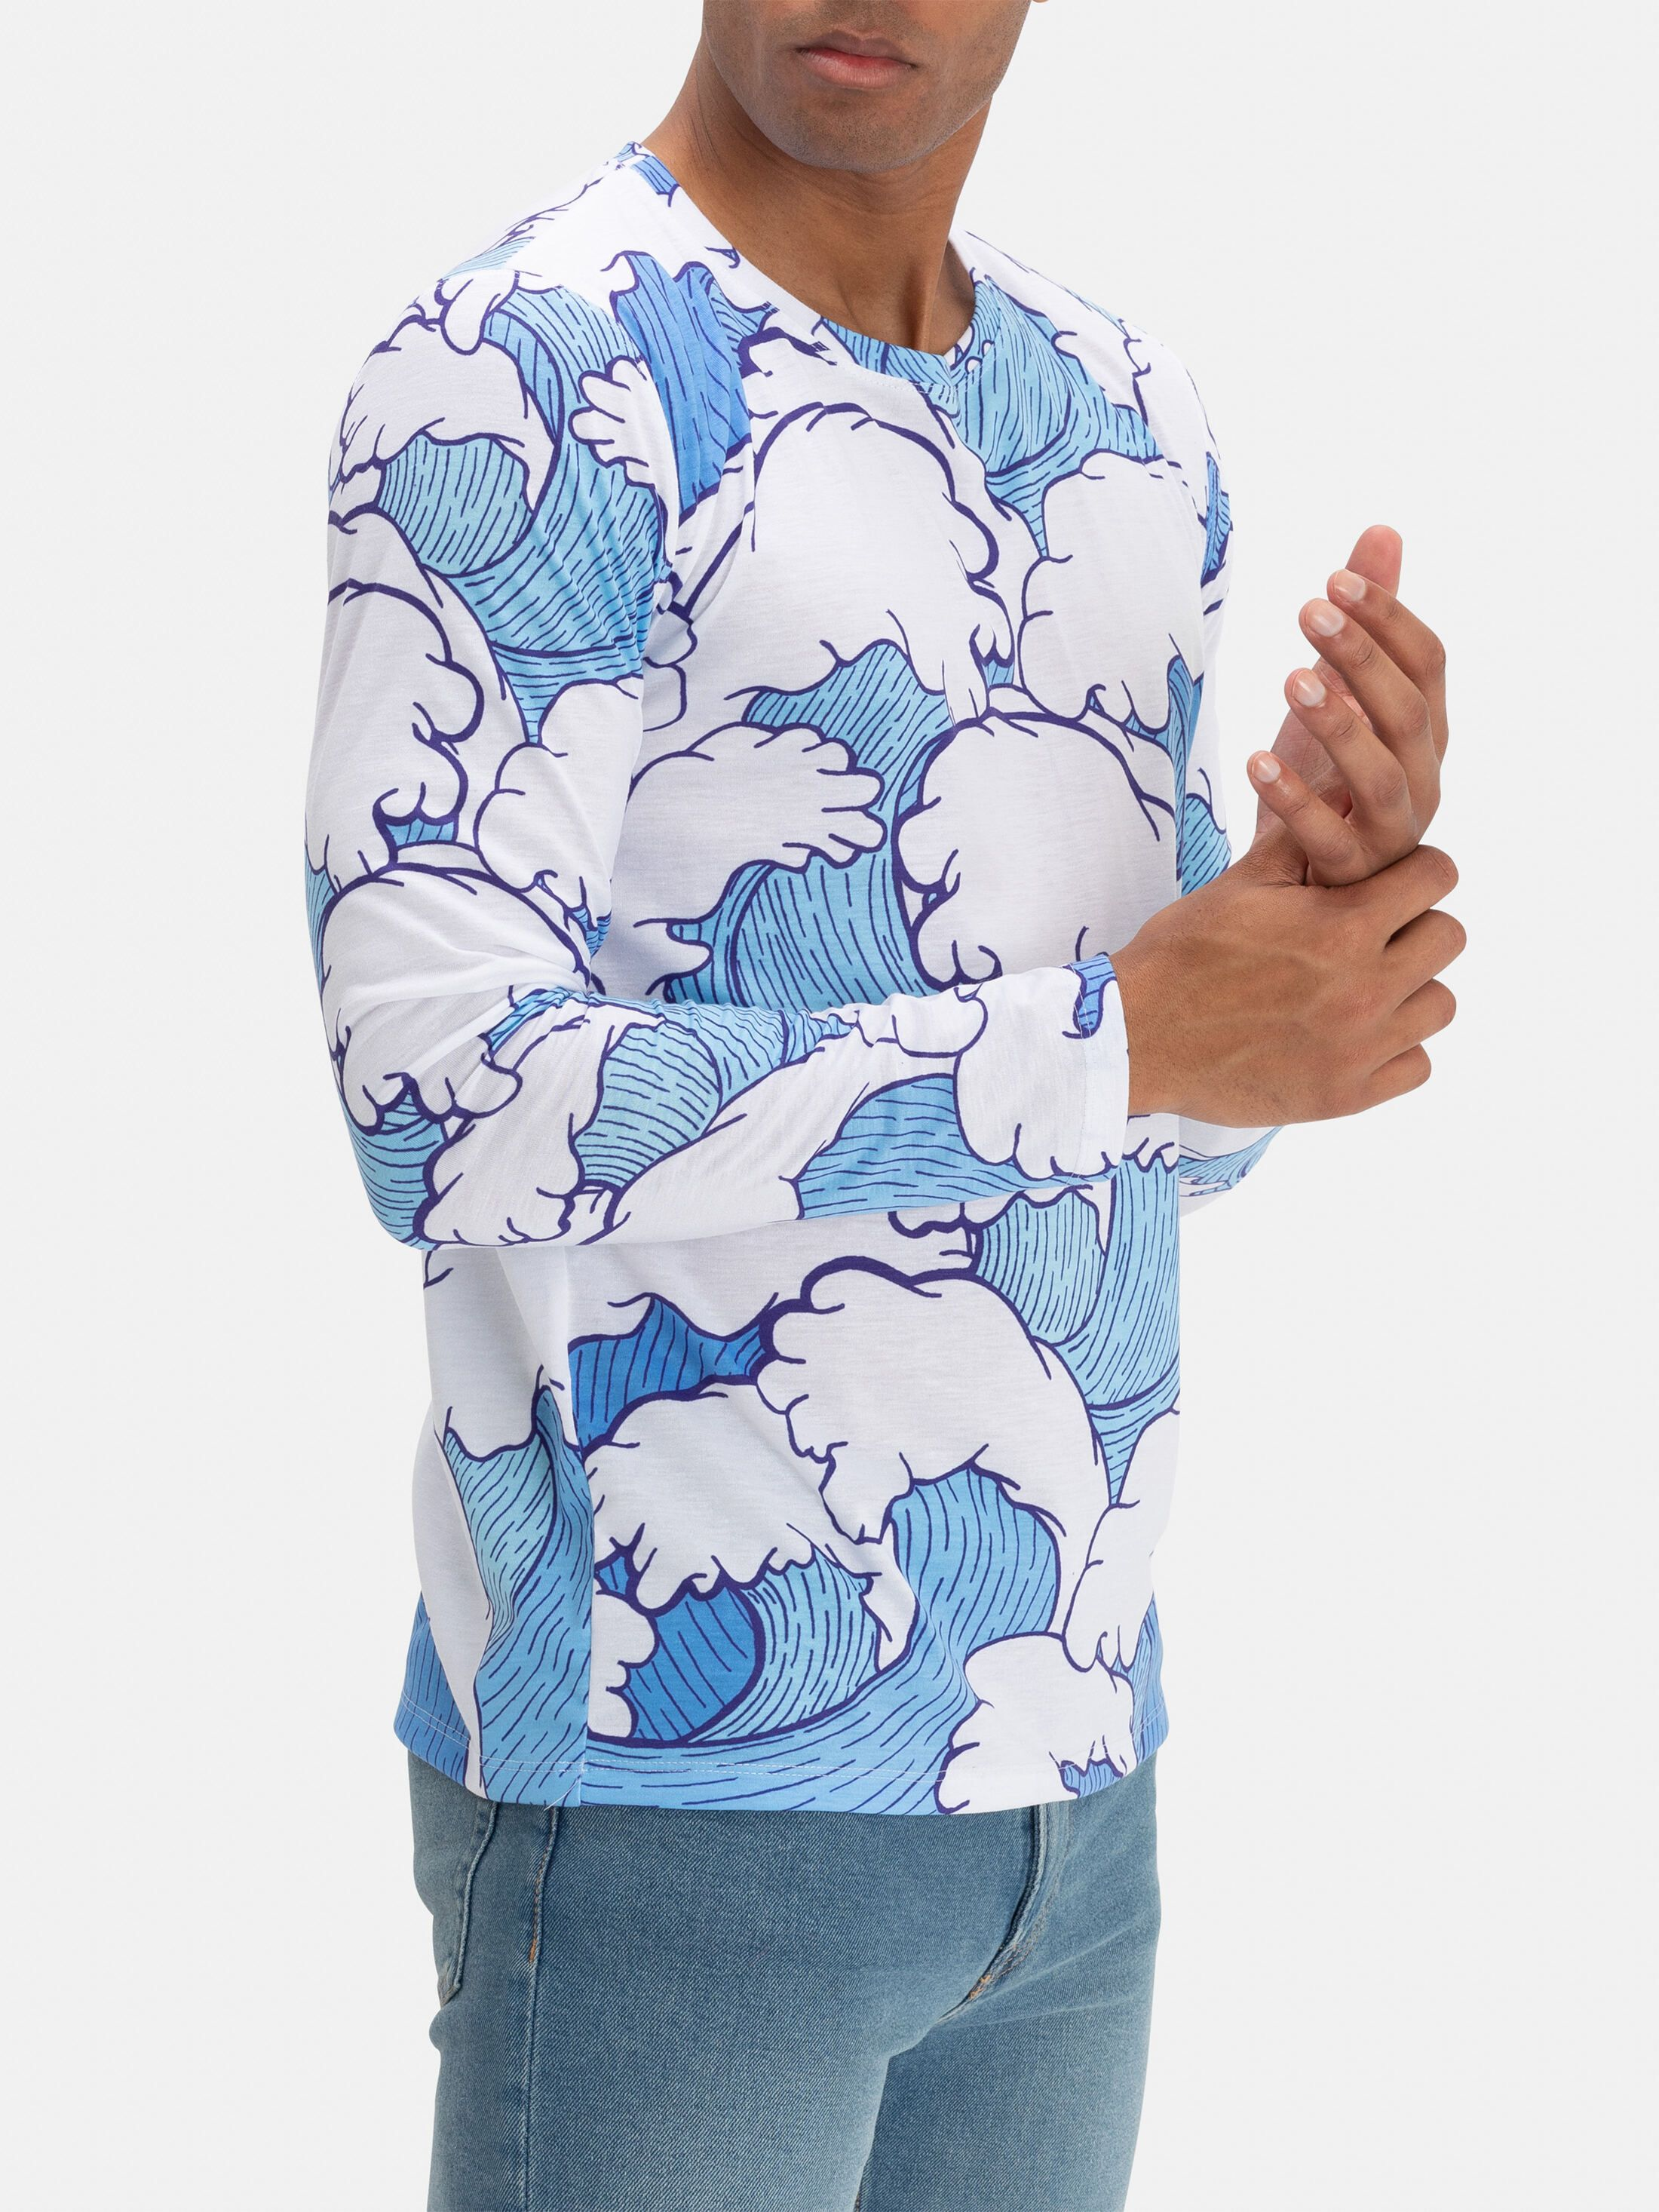 オーダーメイド 長袖Tシャツ